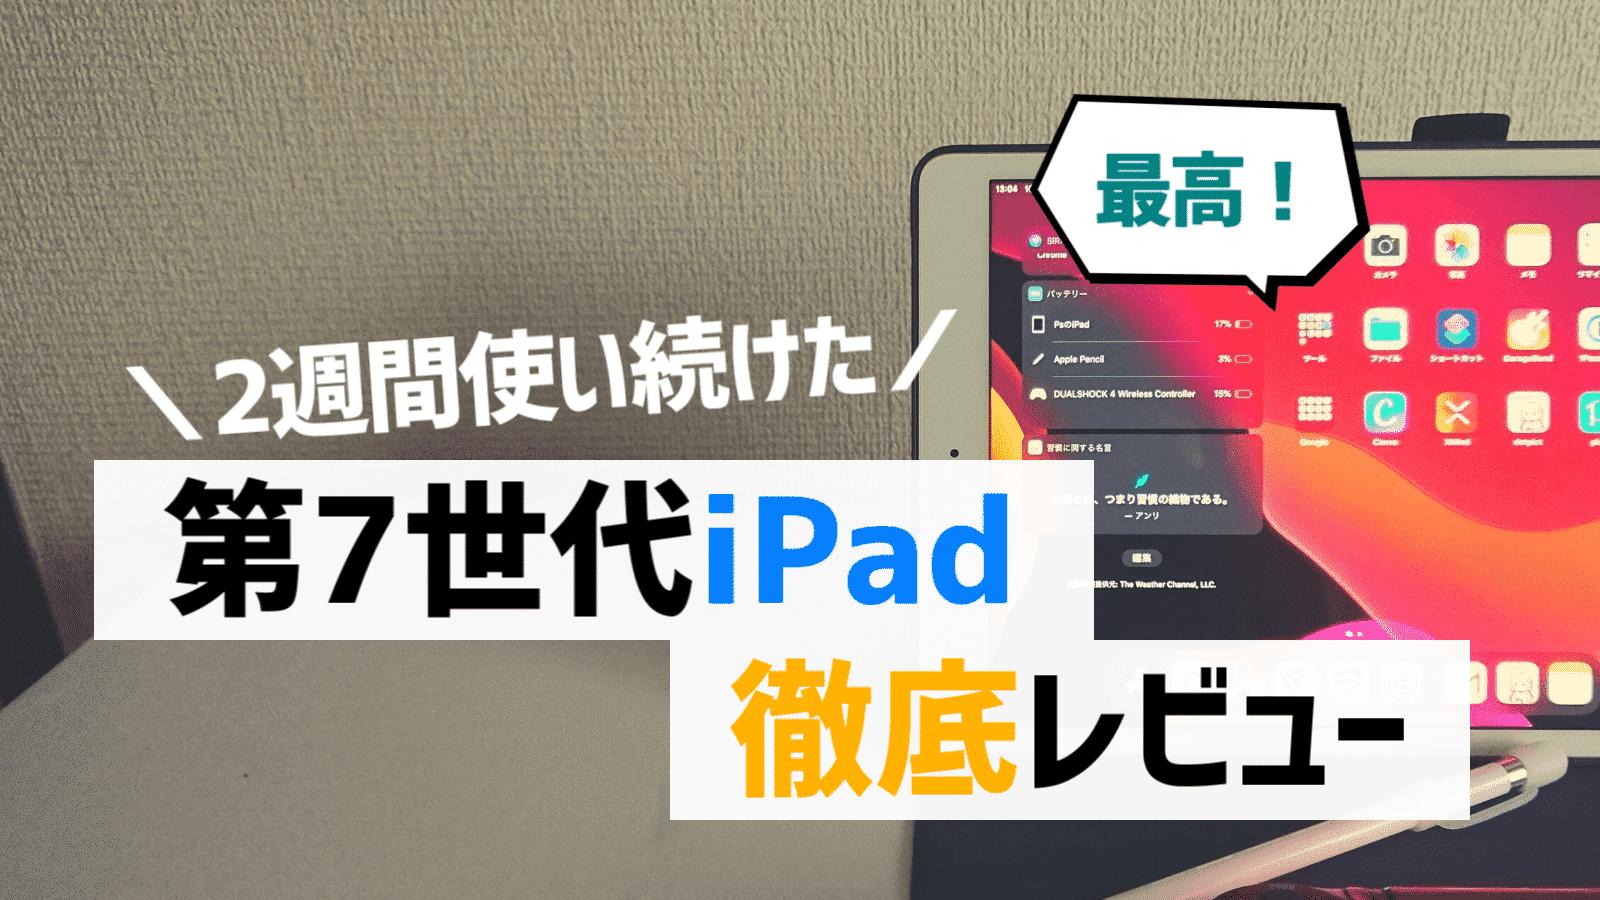 アイキャッチ | 2週間使い続けた、第7世代iPadの徹底レビュー